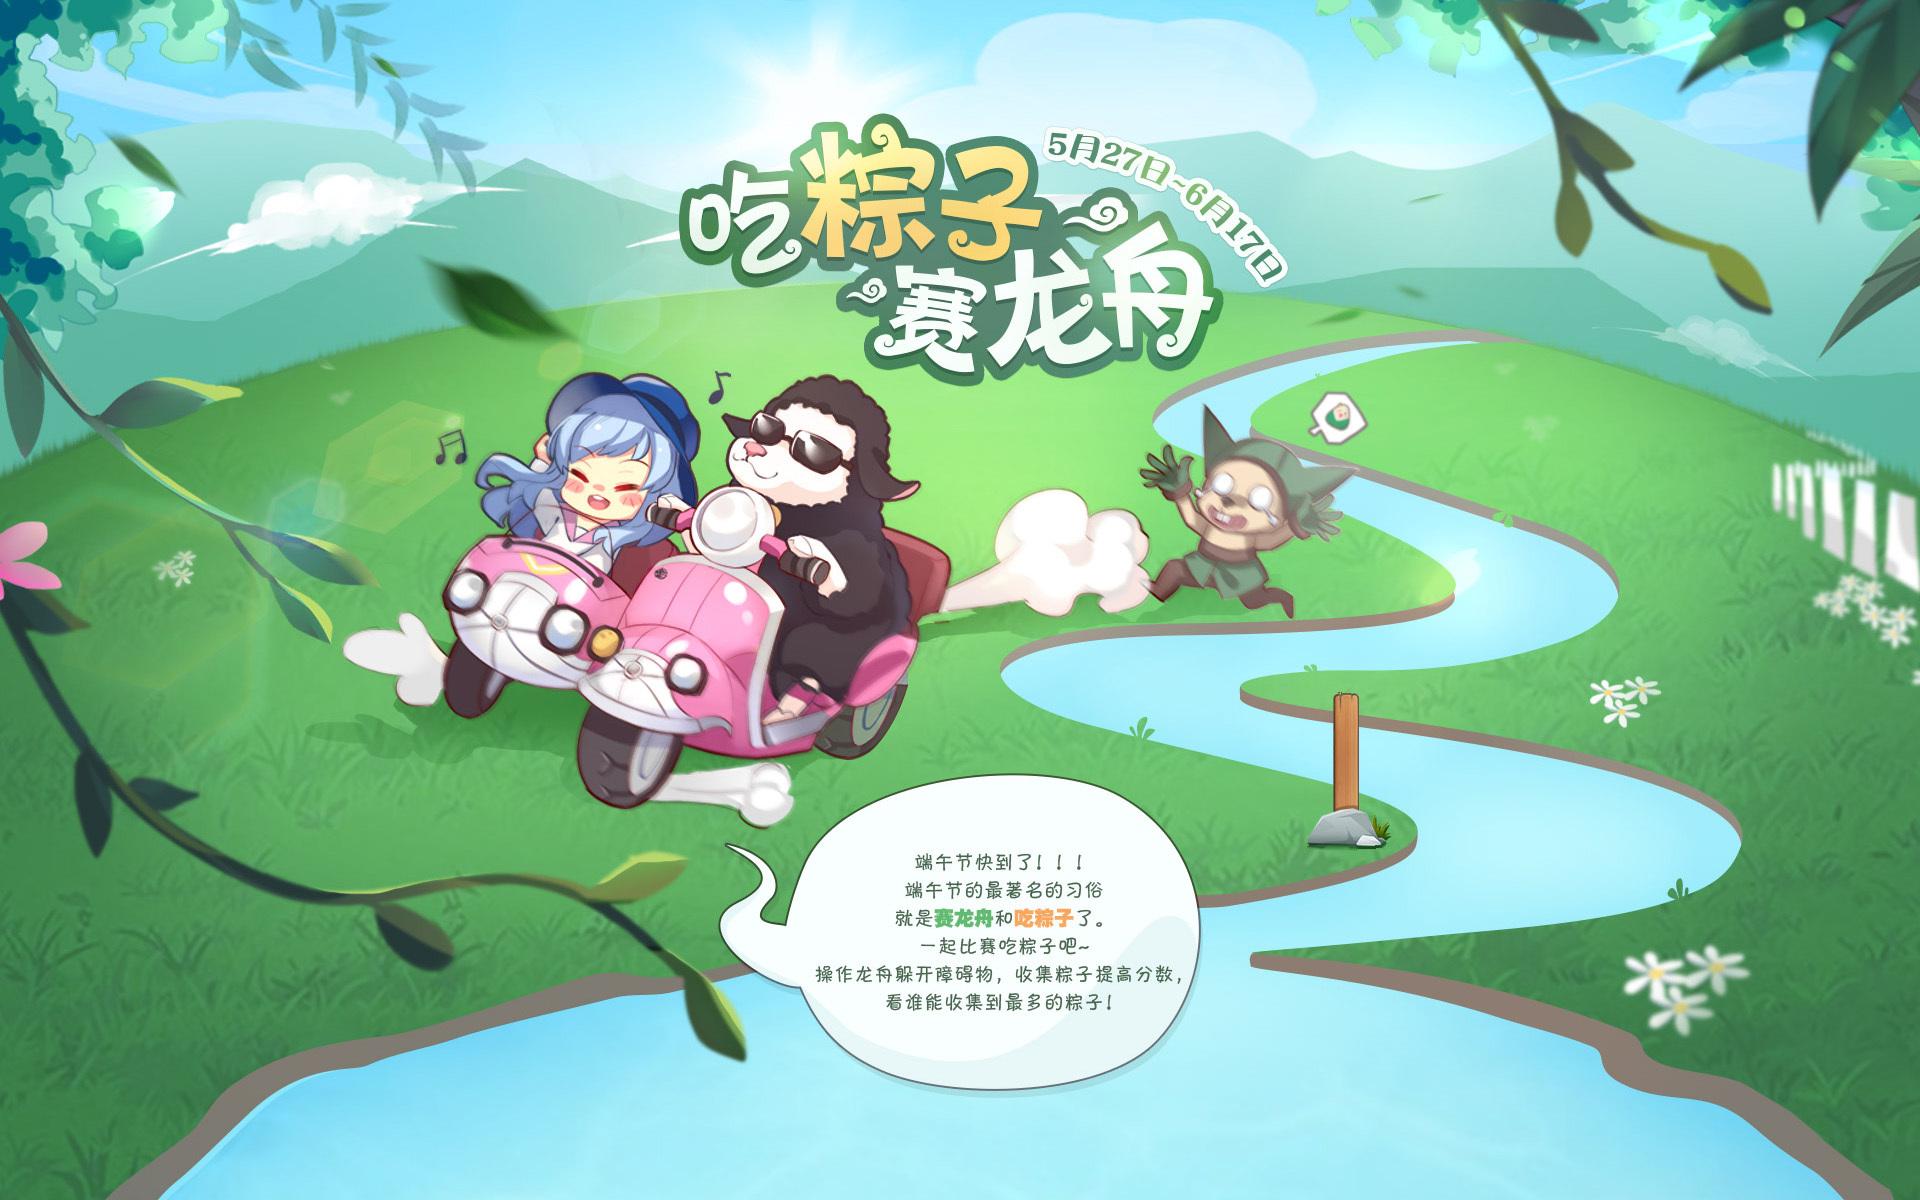 中国マビ190527-1